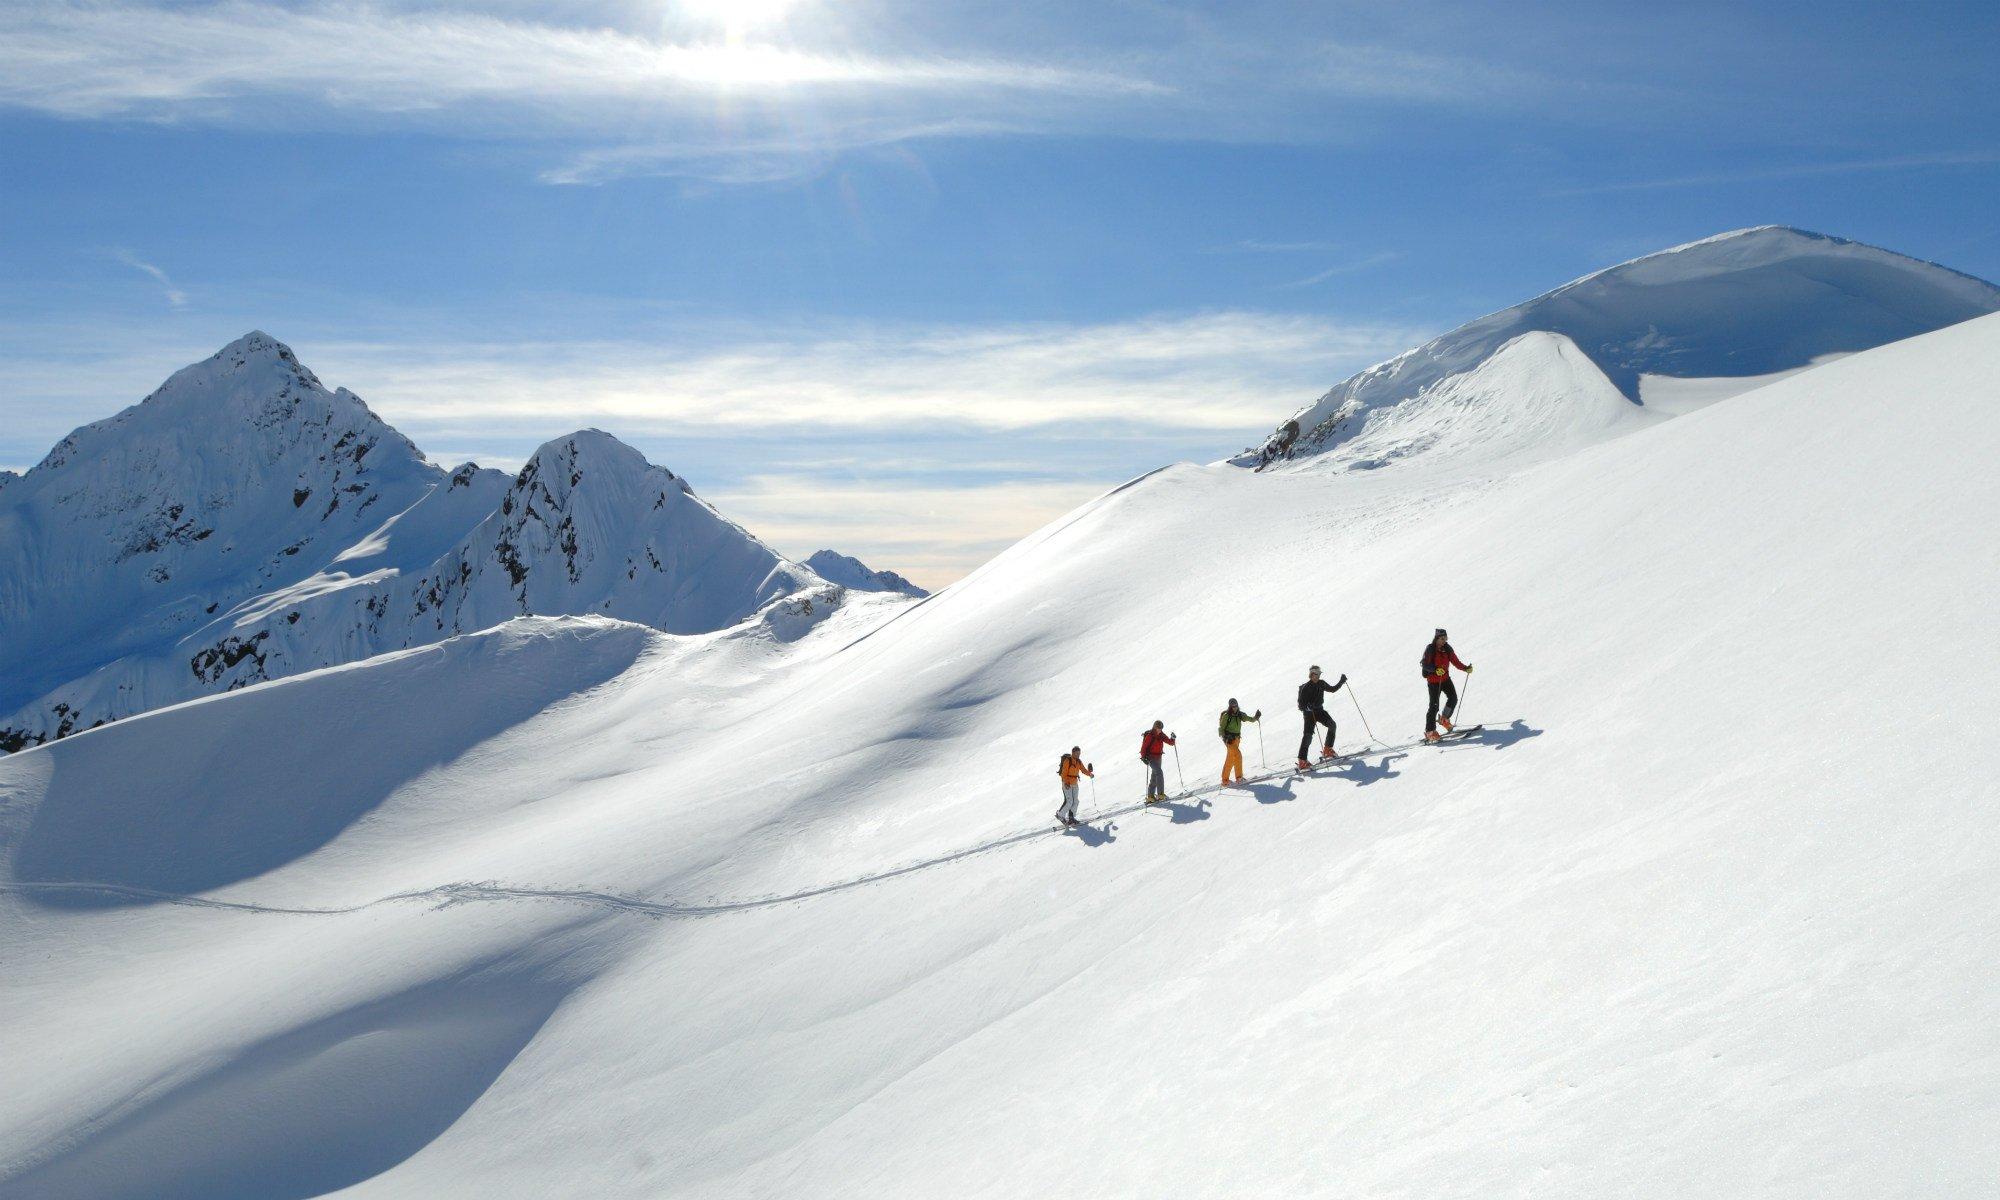 Eine Gruppe bei einer Skitour auf einem Berg im Skigebiet St. Anton am Arlberg.